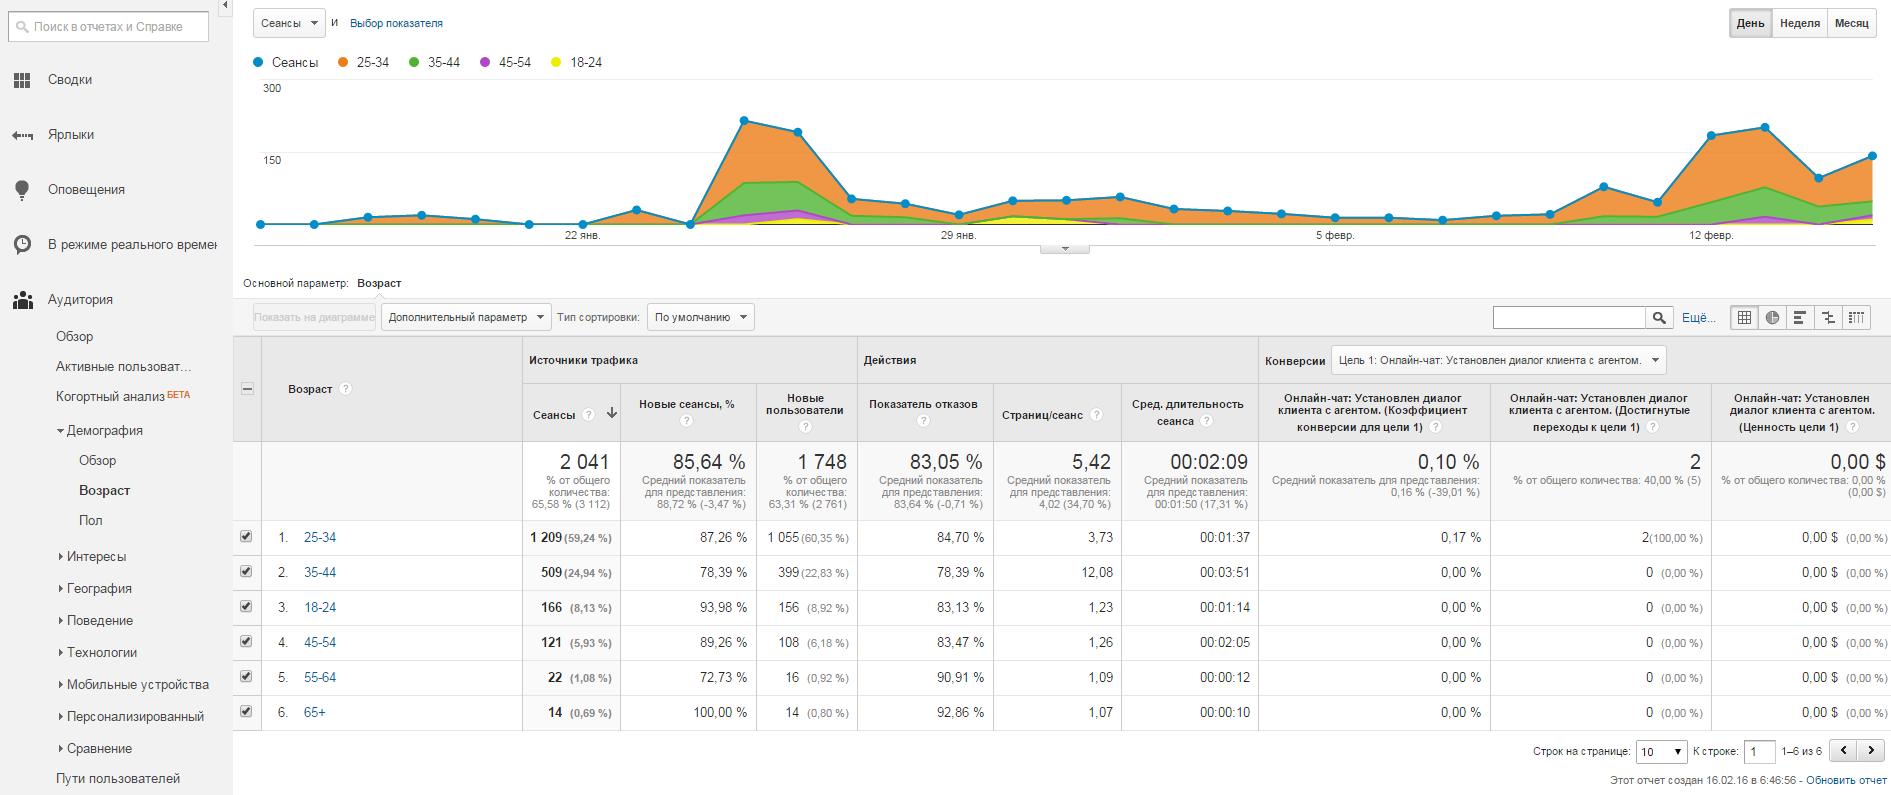 Демографический отчет в Google Analytics